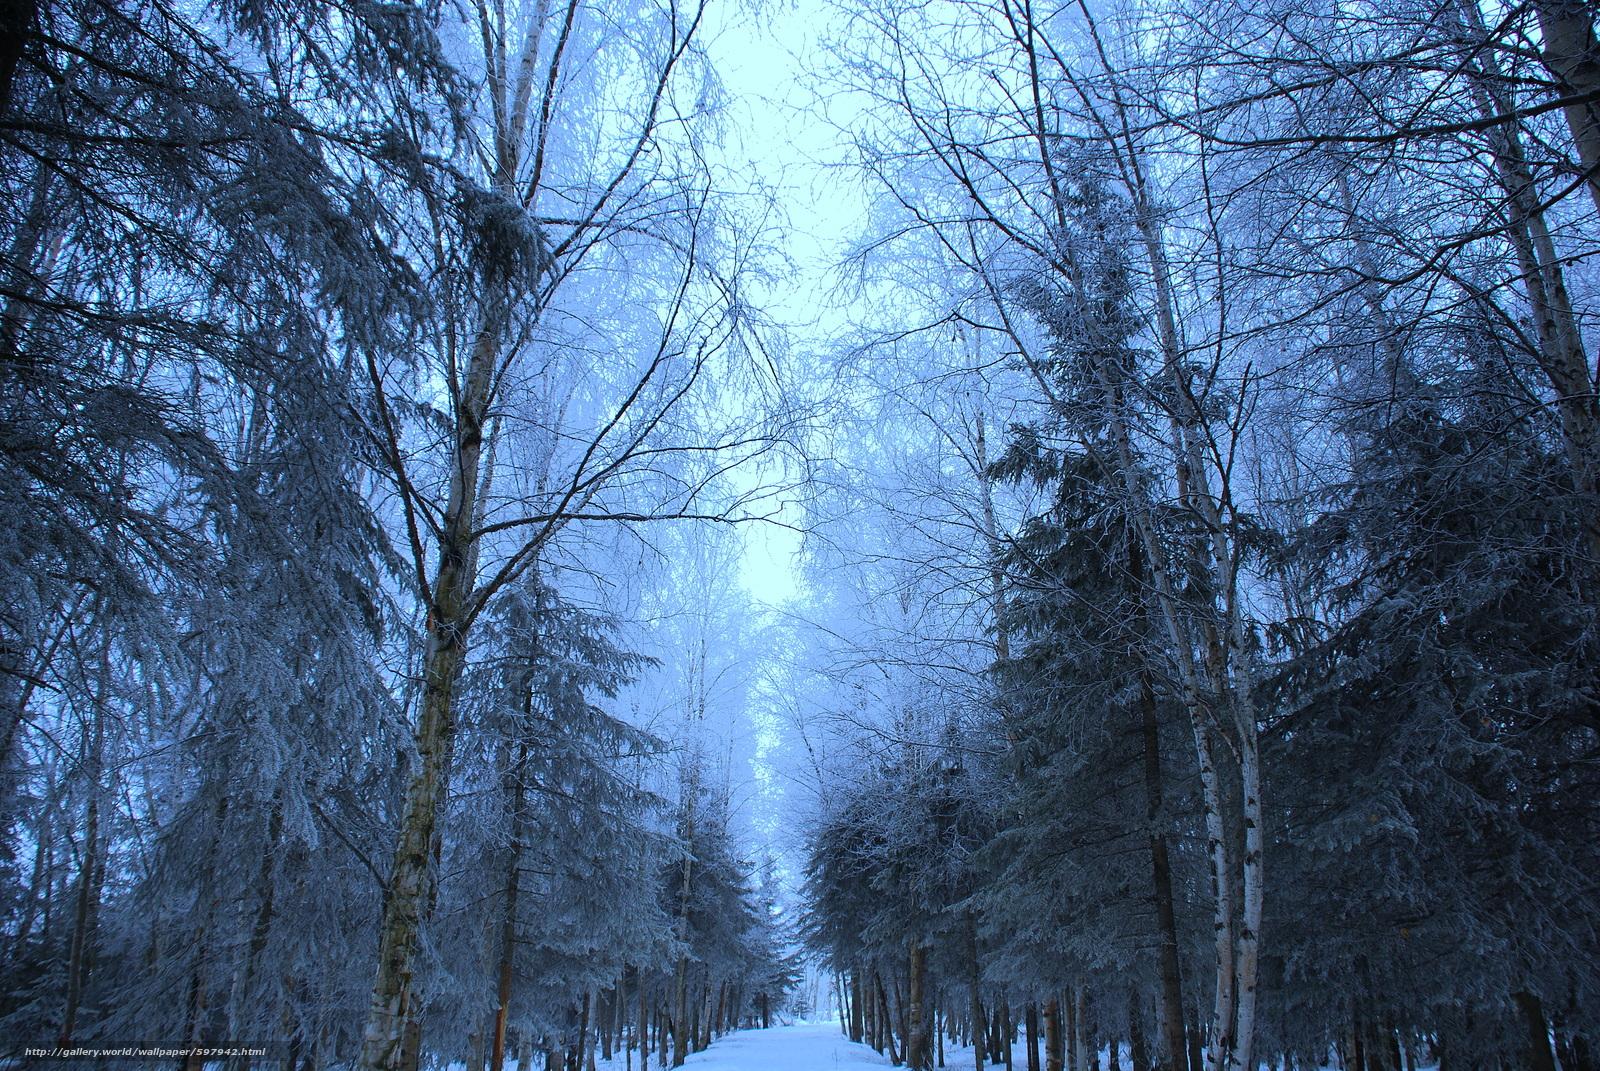 Скачать обои зима лес деревья дорога